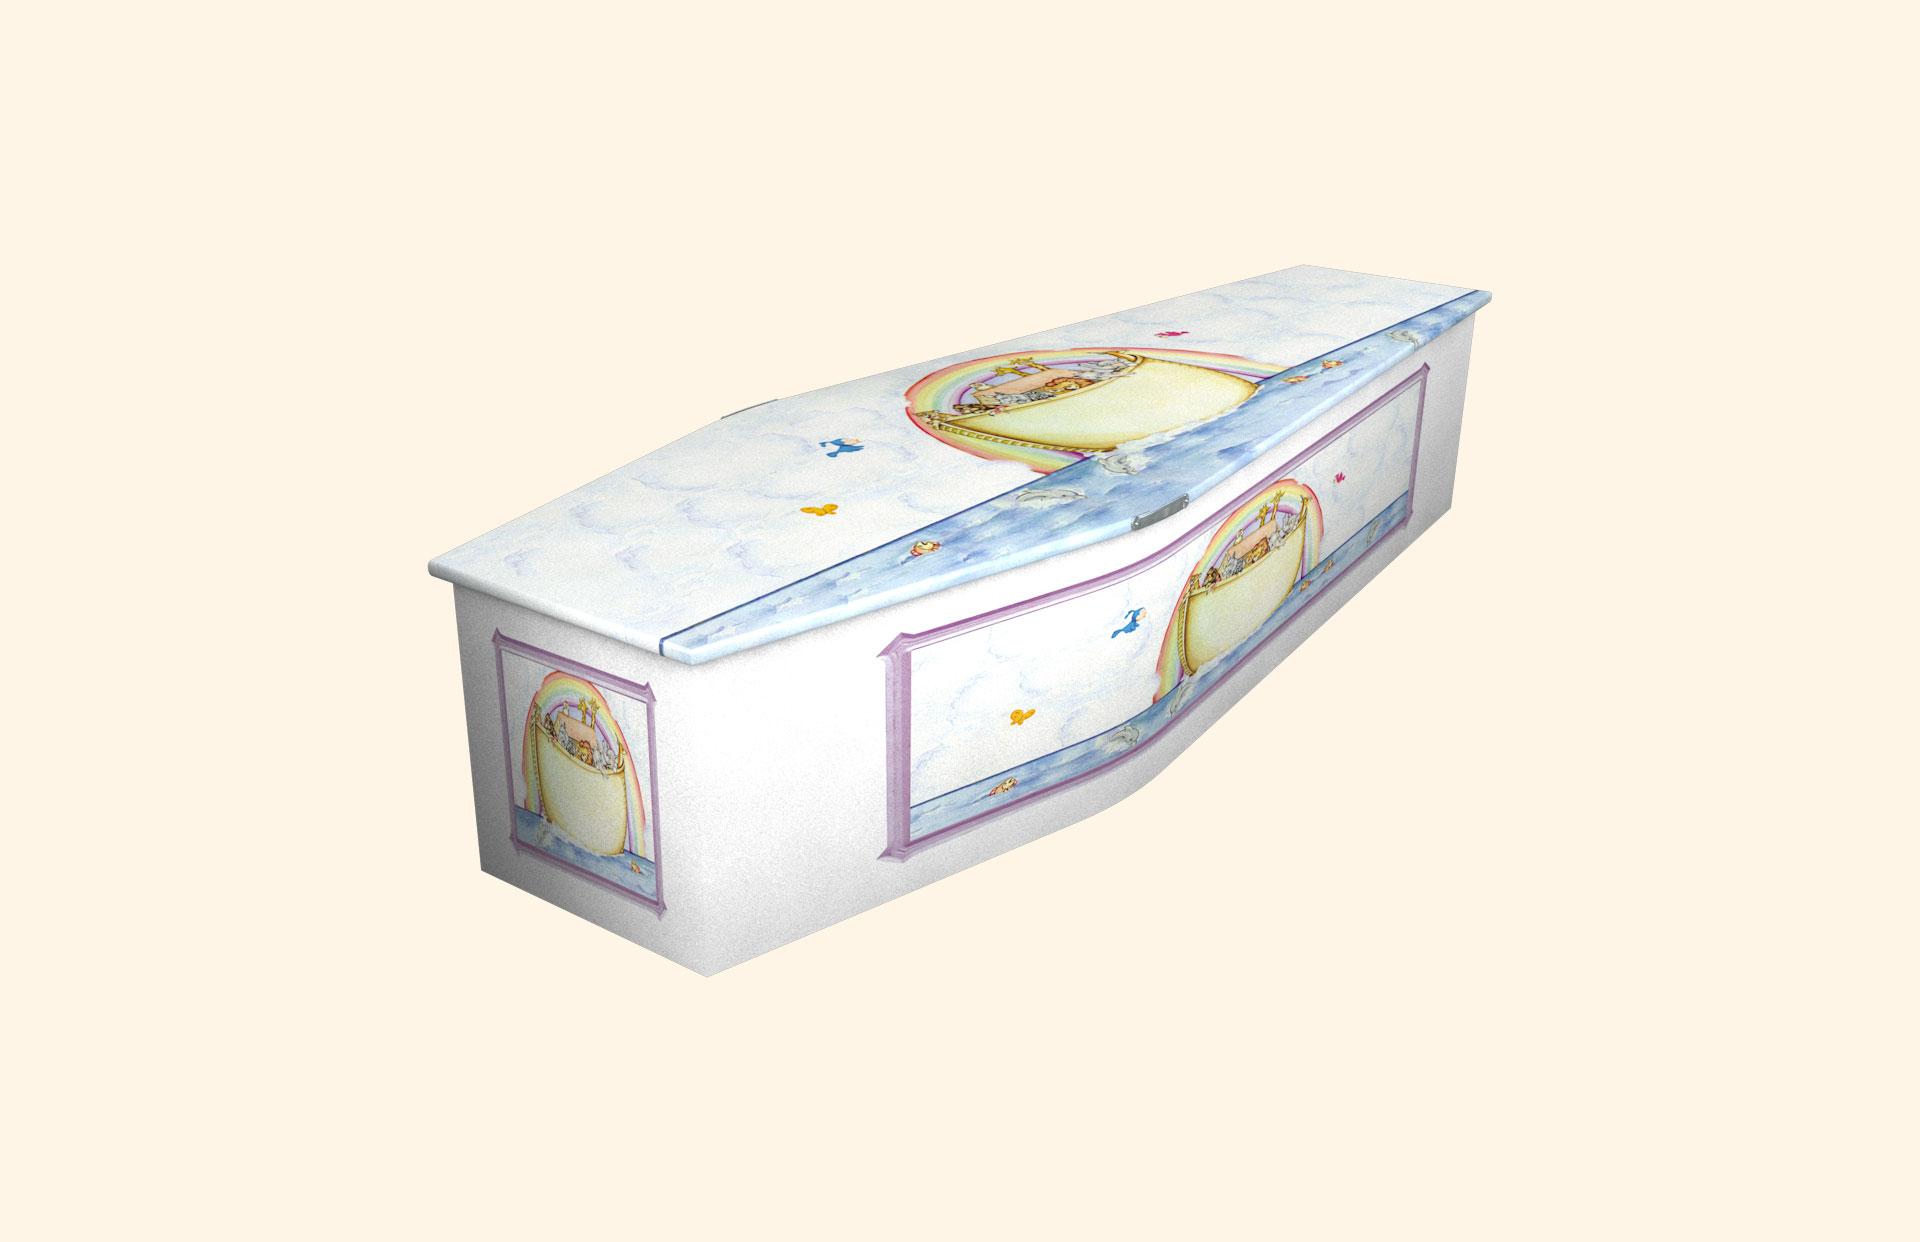 Noahs Ark child coffin